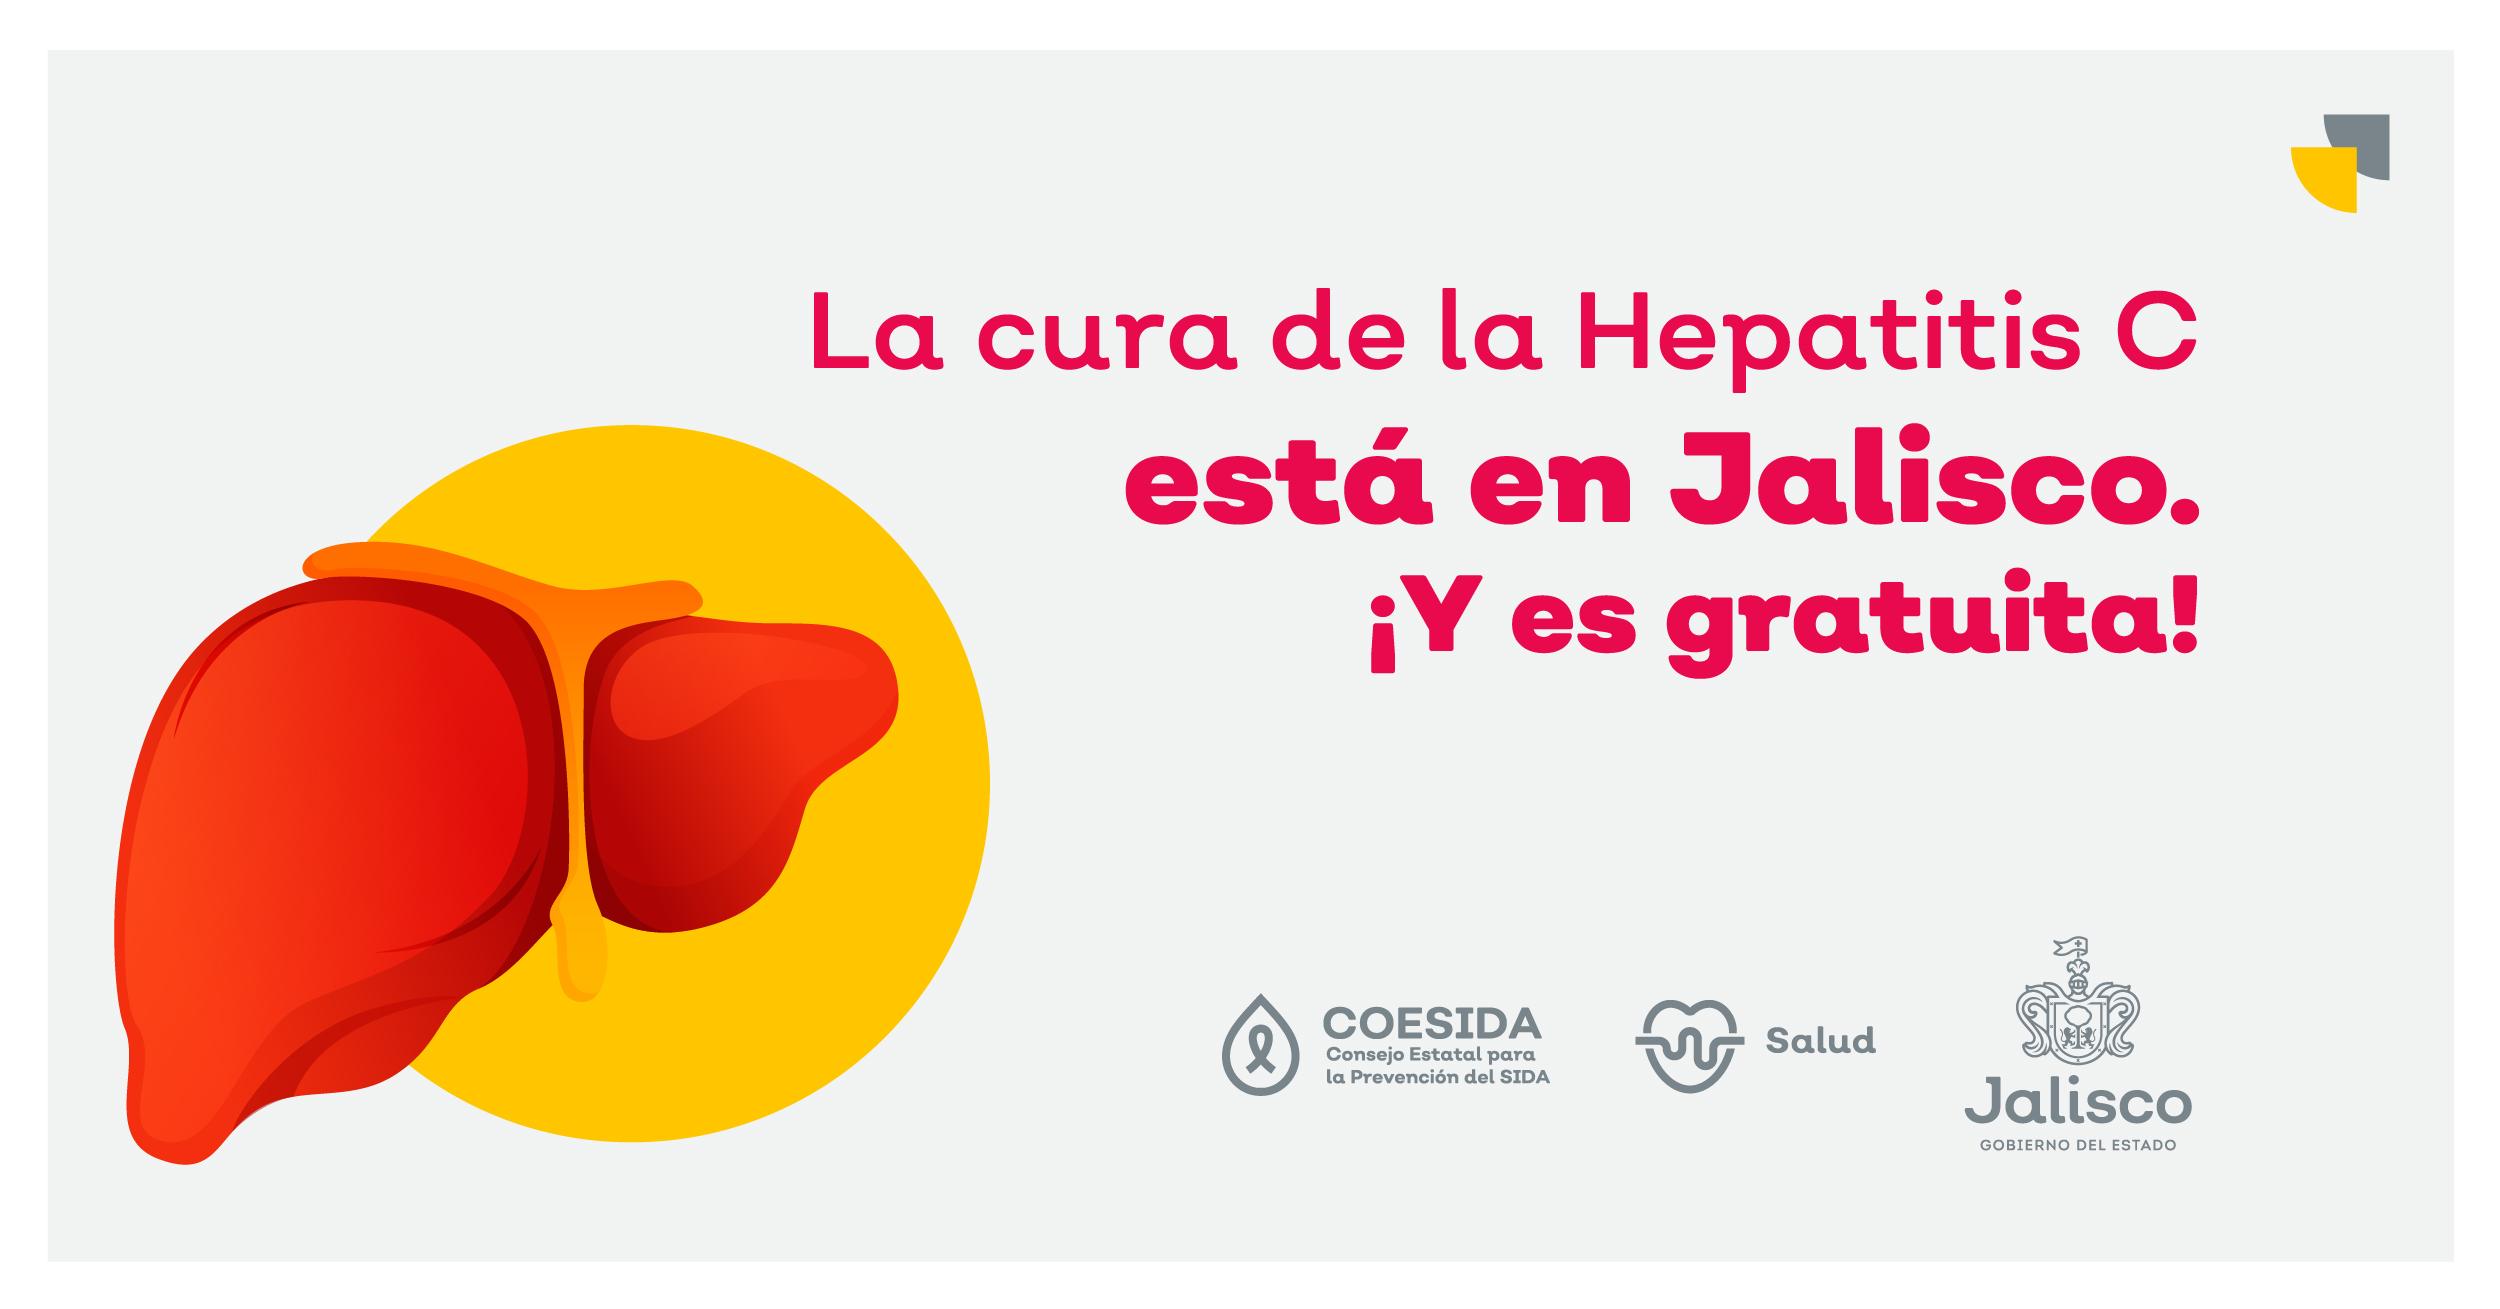 Hazte una prueba y adquiere tu tratamiento contra la Hepatitis C de forma gratuita.